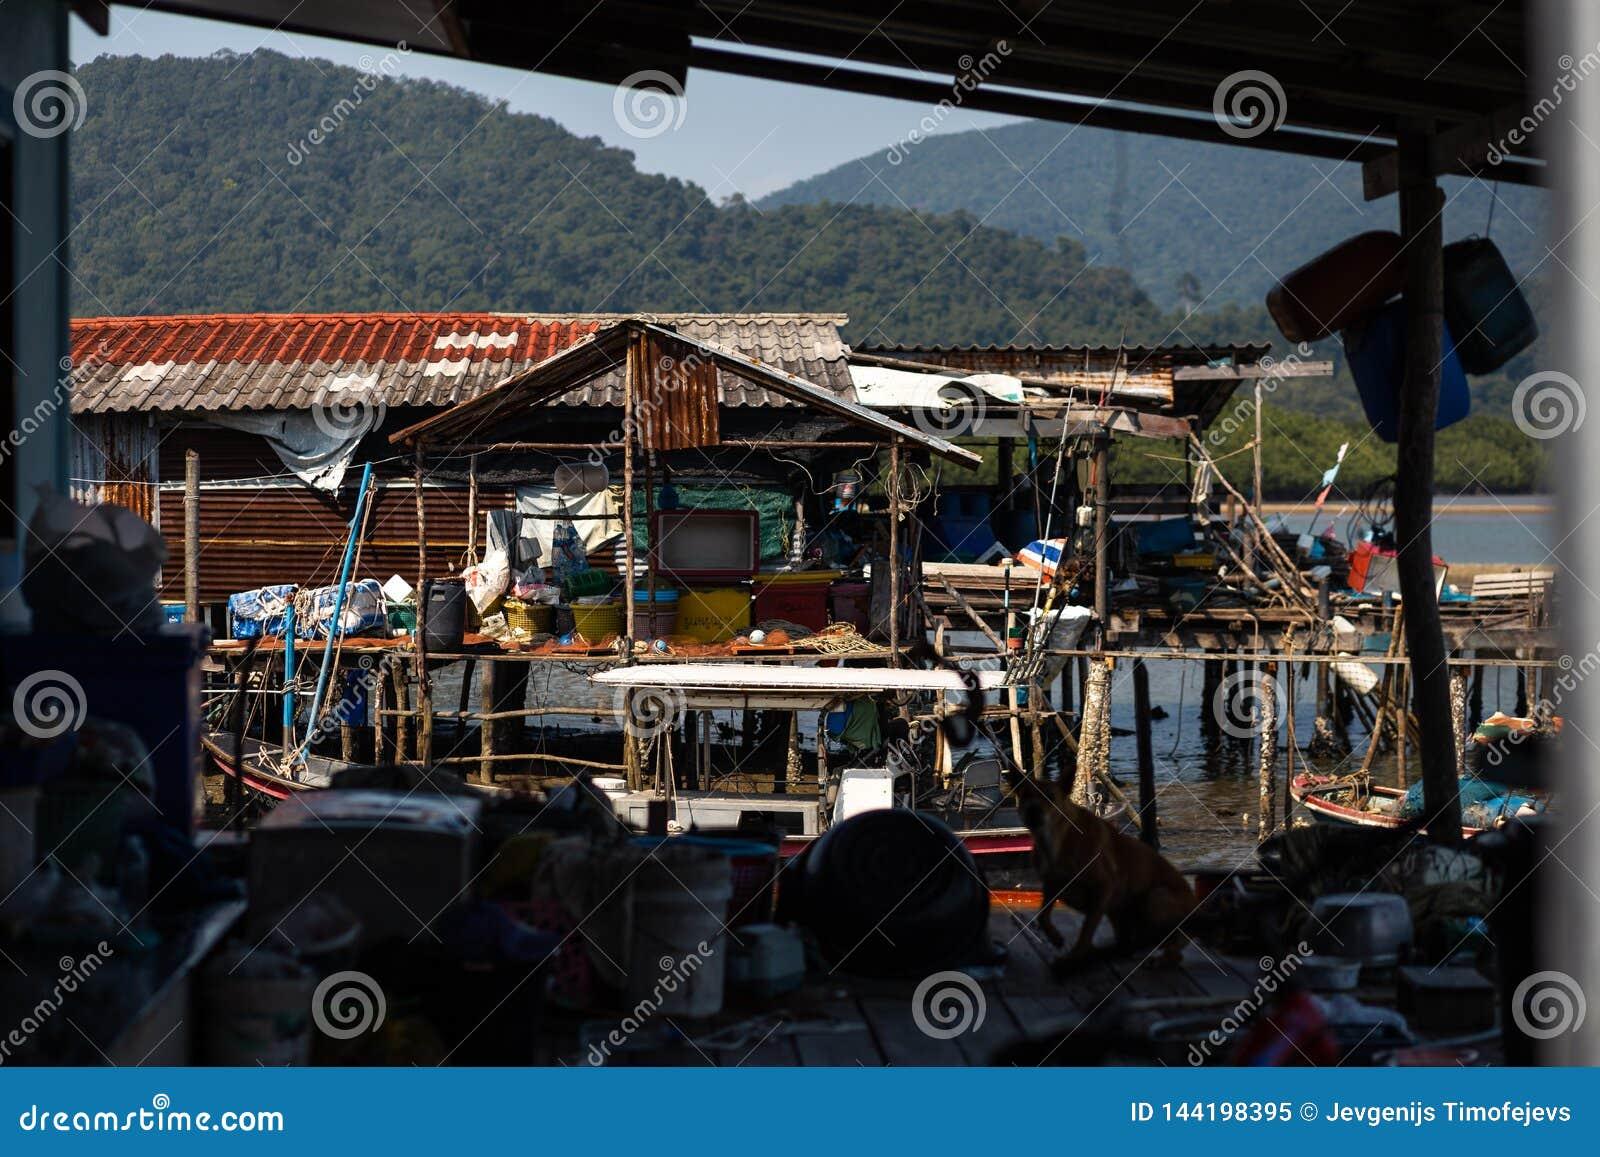 KO CHANG, ТАИЛАНД - 10-ОЕ АПРЕЛЯ 2018: Деревня подлинных традиционных рыболовов на острове - люди и дети внутри